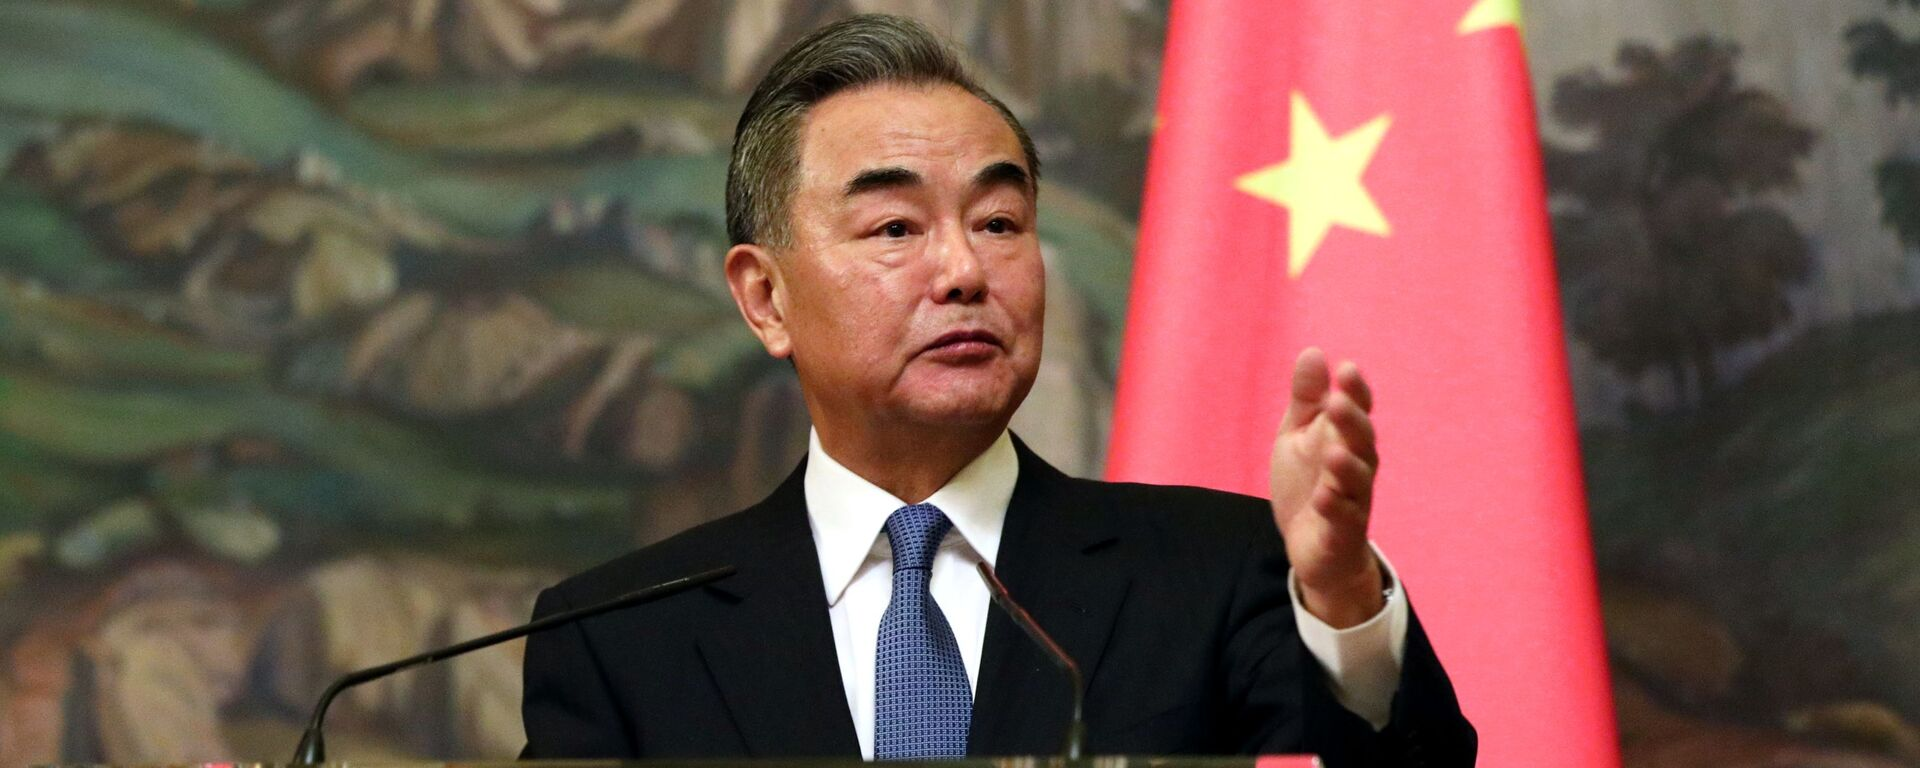 Čínský ministr zahraničí Wang I - Sputnik Česká republika, 1920, 16.05.2021